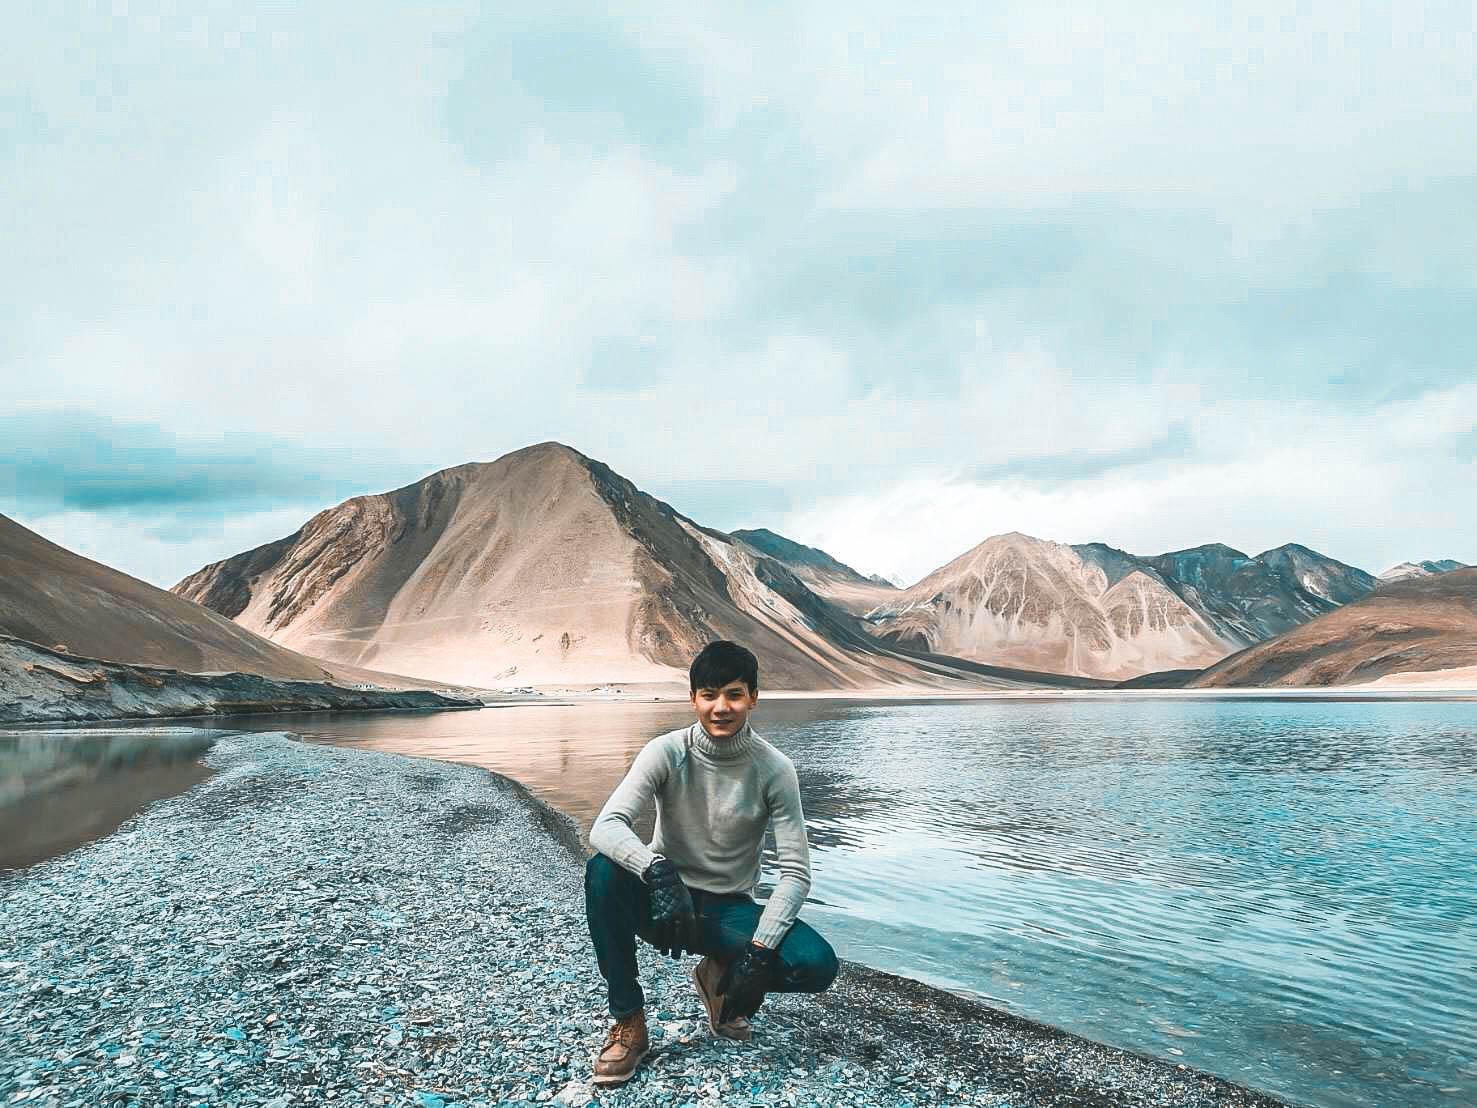 ทะเลสาบ pangong ทัวร์เลห์ ลาดักห์ เที่ยวเลห์ ลาดักห์ Leh Ladakh Tour leh ladakh